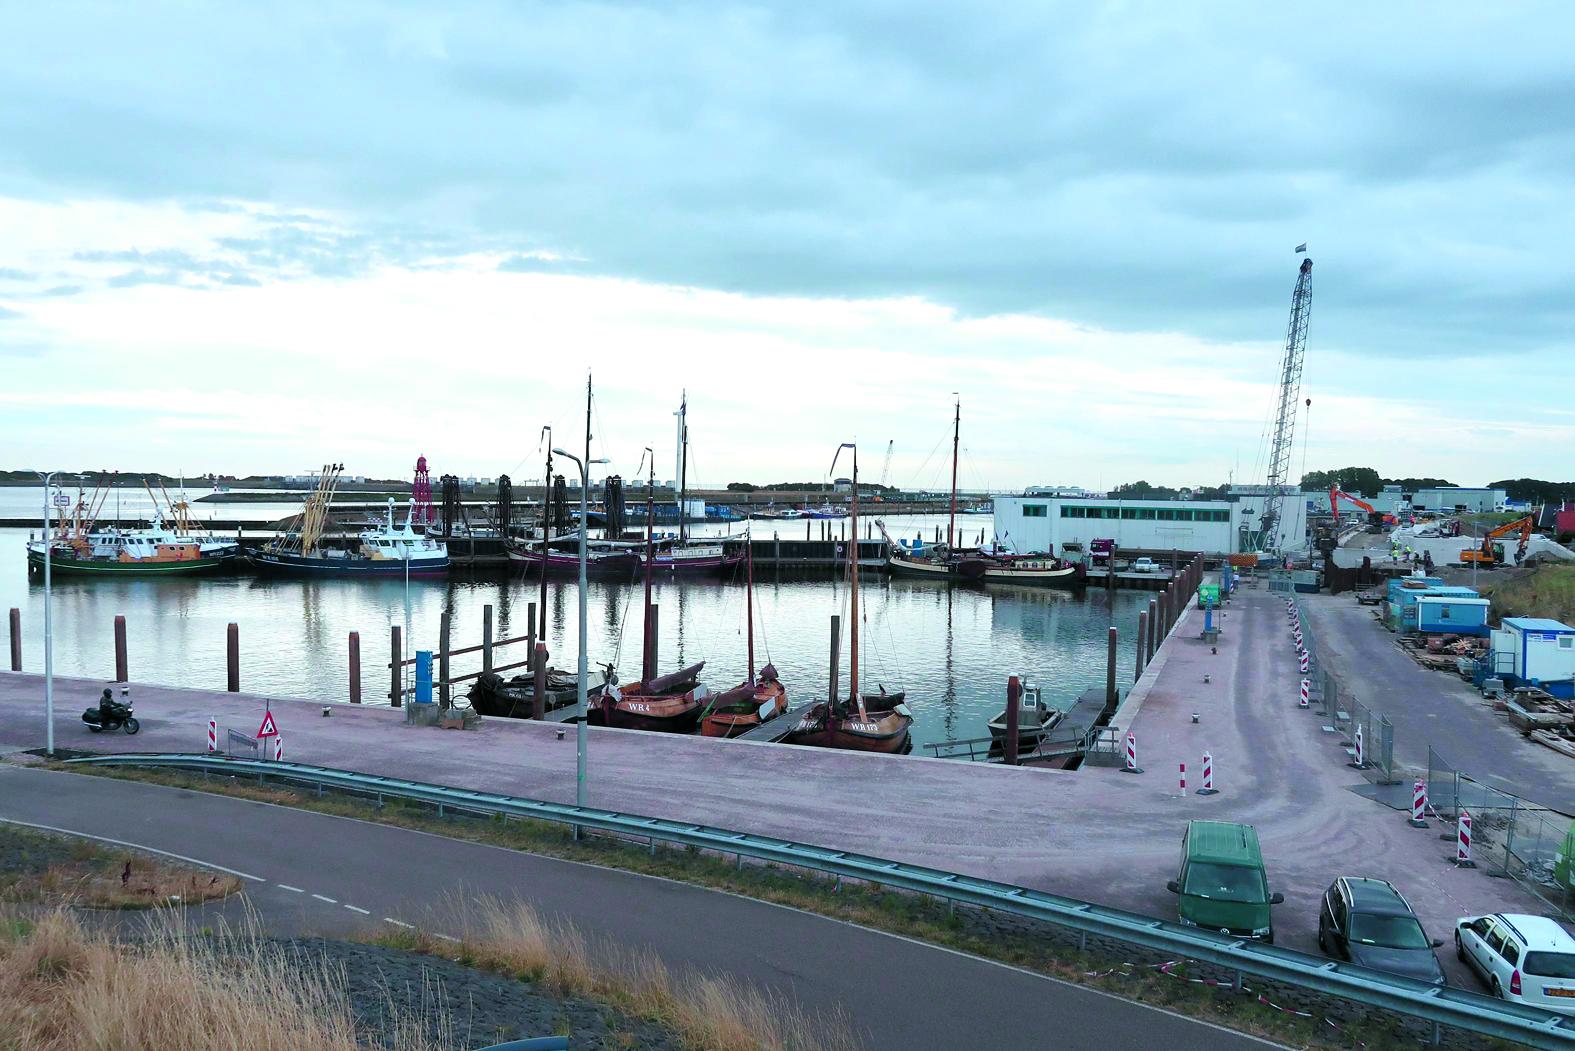 De Wieringen Aken en Skuutje hebben een nieuwe ligplaats gekregen in de Historische Hoek van de haven van Den Oever. (Foto: stichting Onderdak Nautisch Erfgoed Wieringen)